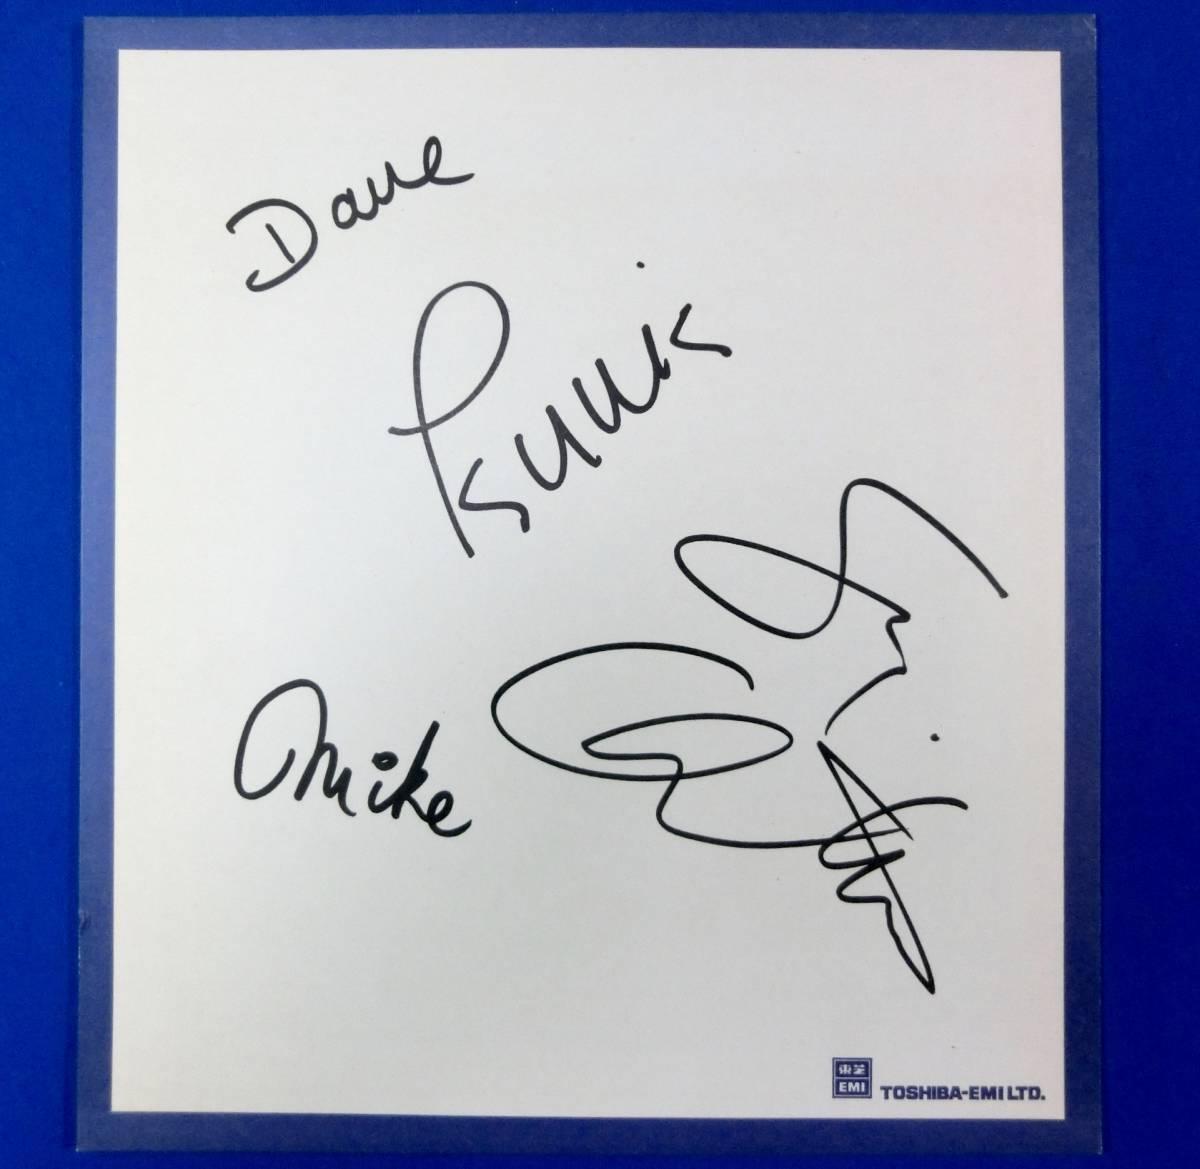 1976年[スージー クアトロ(Suzi Quatro)/デイヴ ニール(Dave Neal)/マイク ディーコン(Mike Deacon)]直筆サイン色紙/ボンテージ